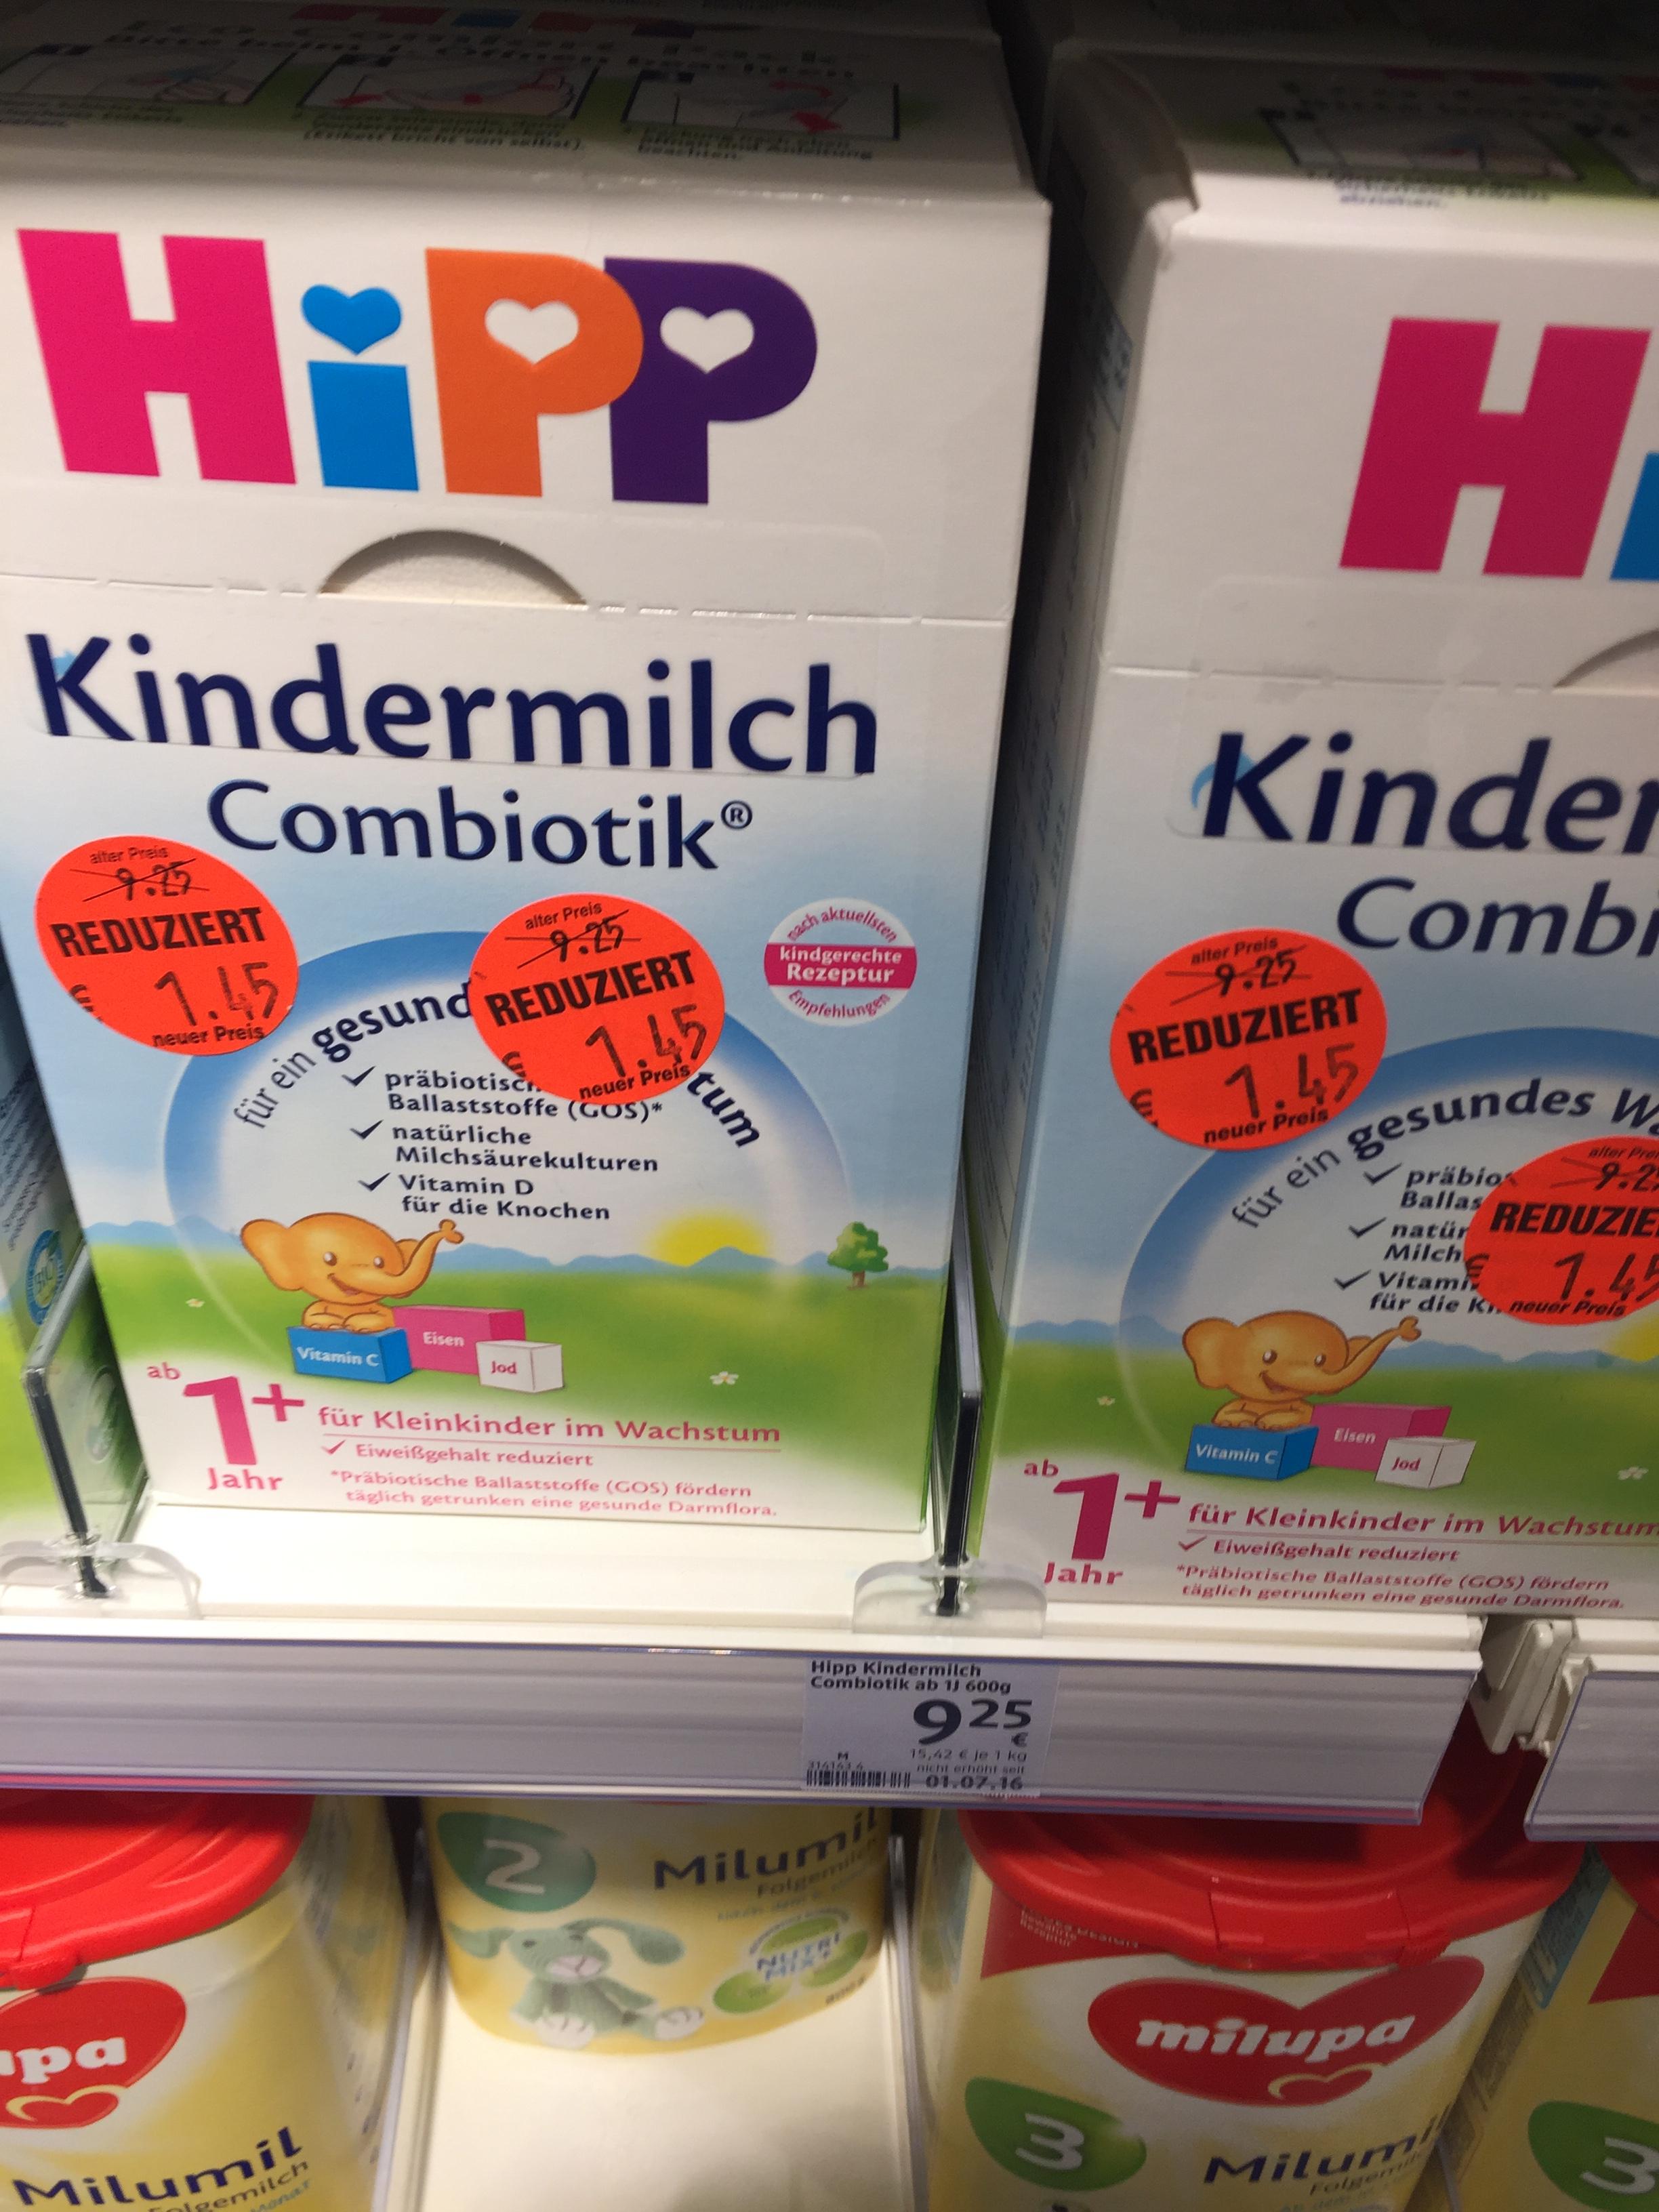 Hipp Kindermilch Combiotik für 1,45 statt 9,25 und Hipp Bio Kindermilch für 2,45 statt 9,25 (lokal DM Ahlen)